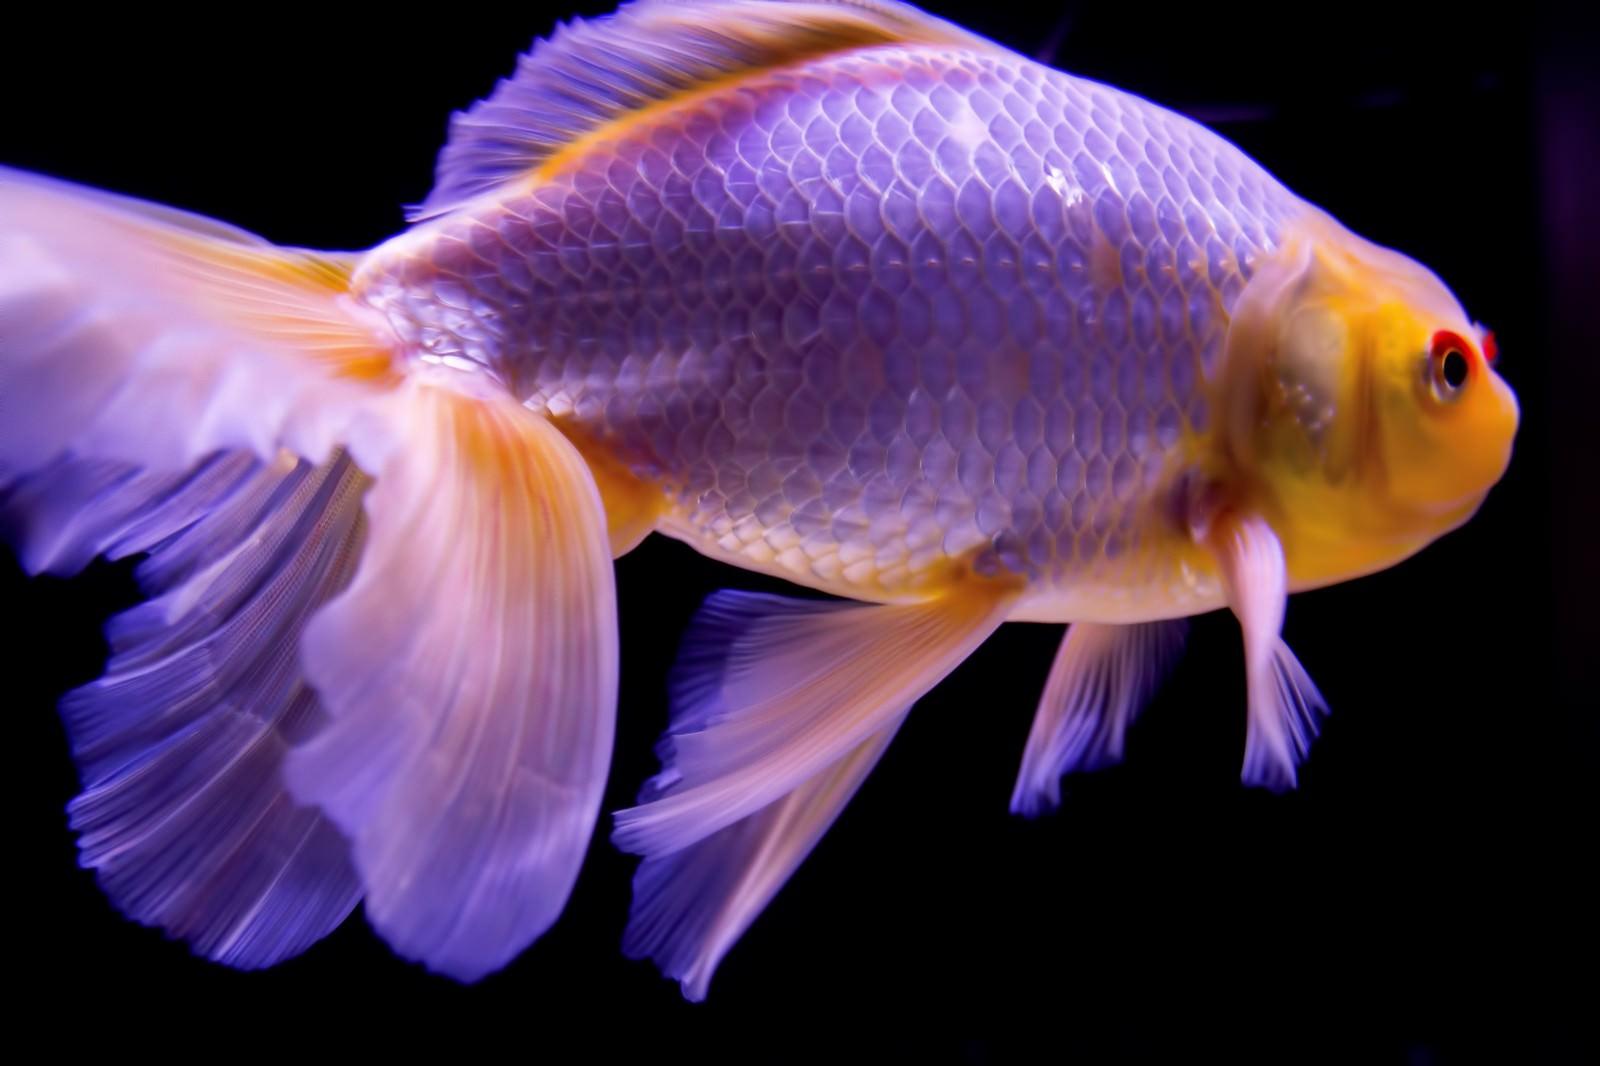 「尾びれが素敵な金魚尾びれが素敵な金魚」のフリー写真素材を拡大